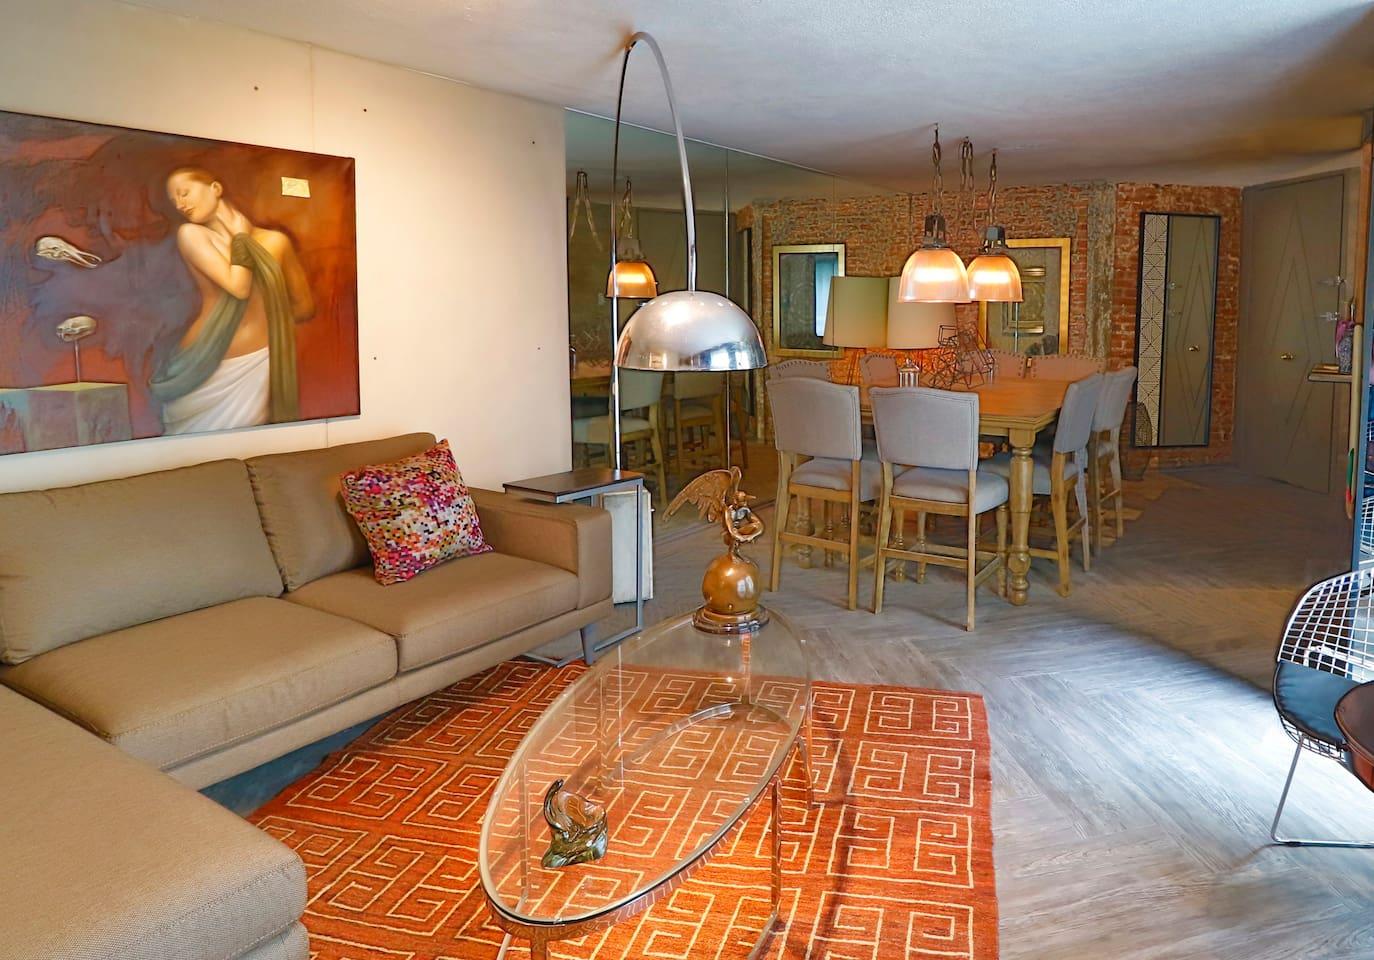 Sala estilo ecléctico con colección de arte  // Living room with eclectic style with art collection.